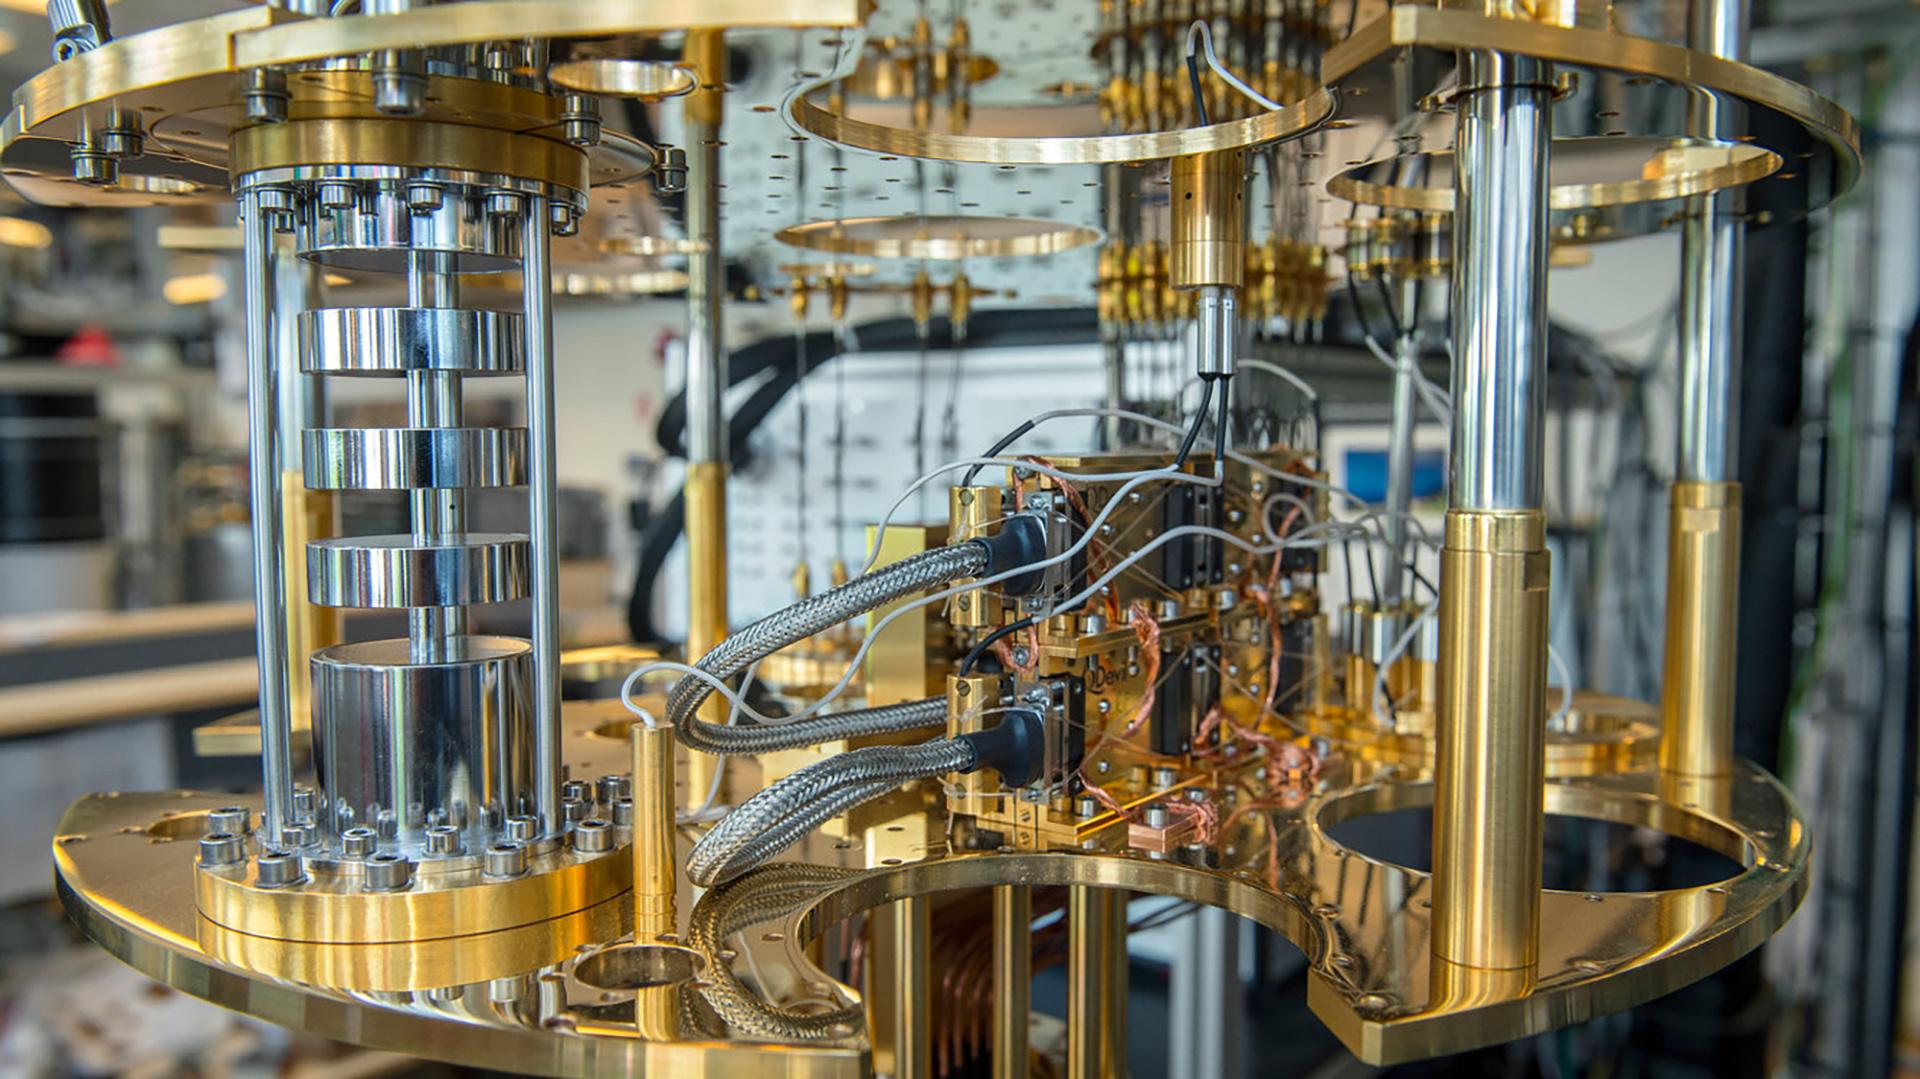 Google asegura haber alcanzado la supremacía cuántica - Infobae